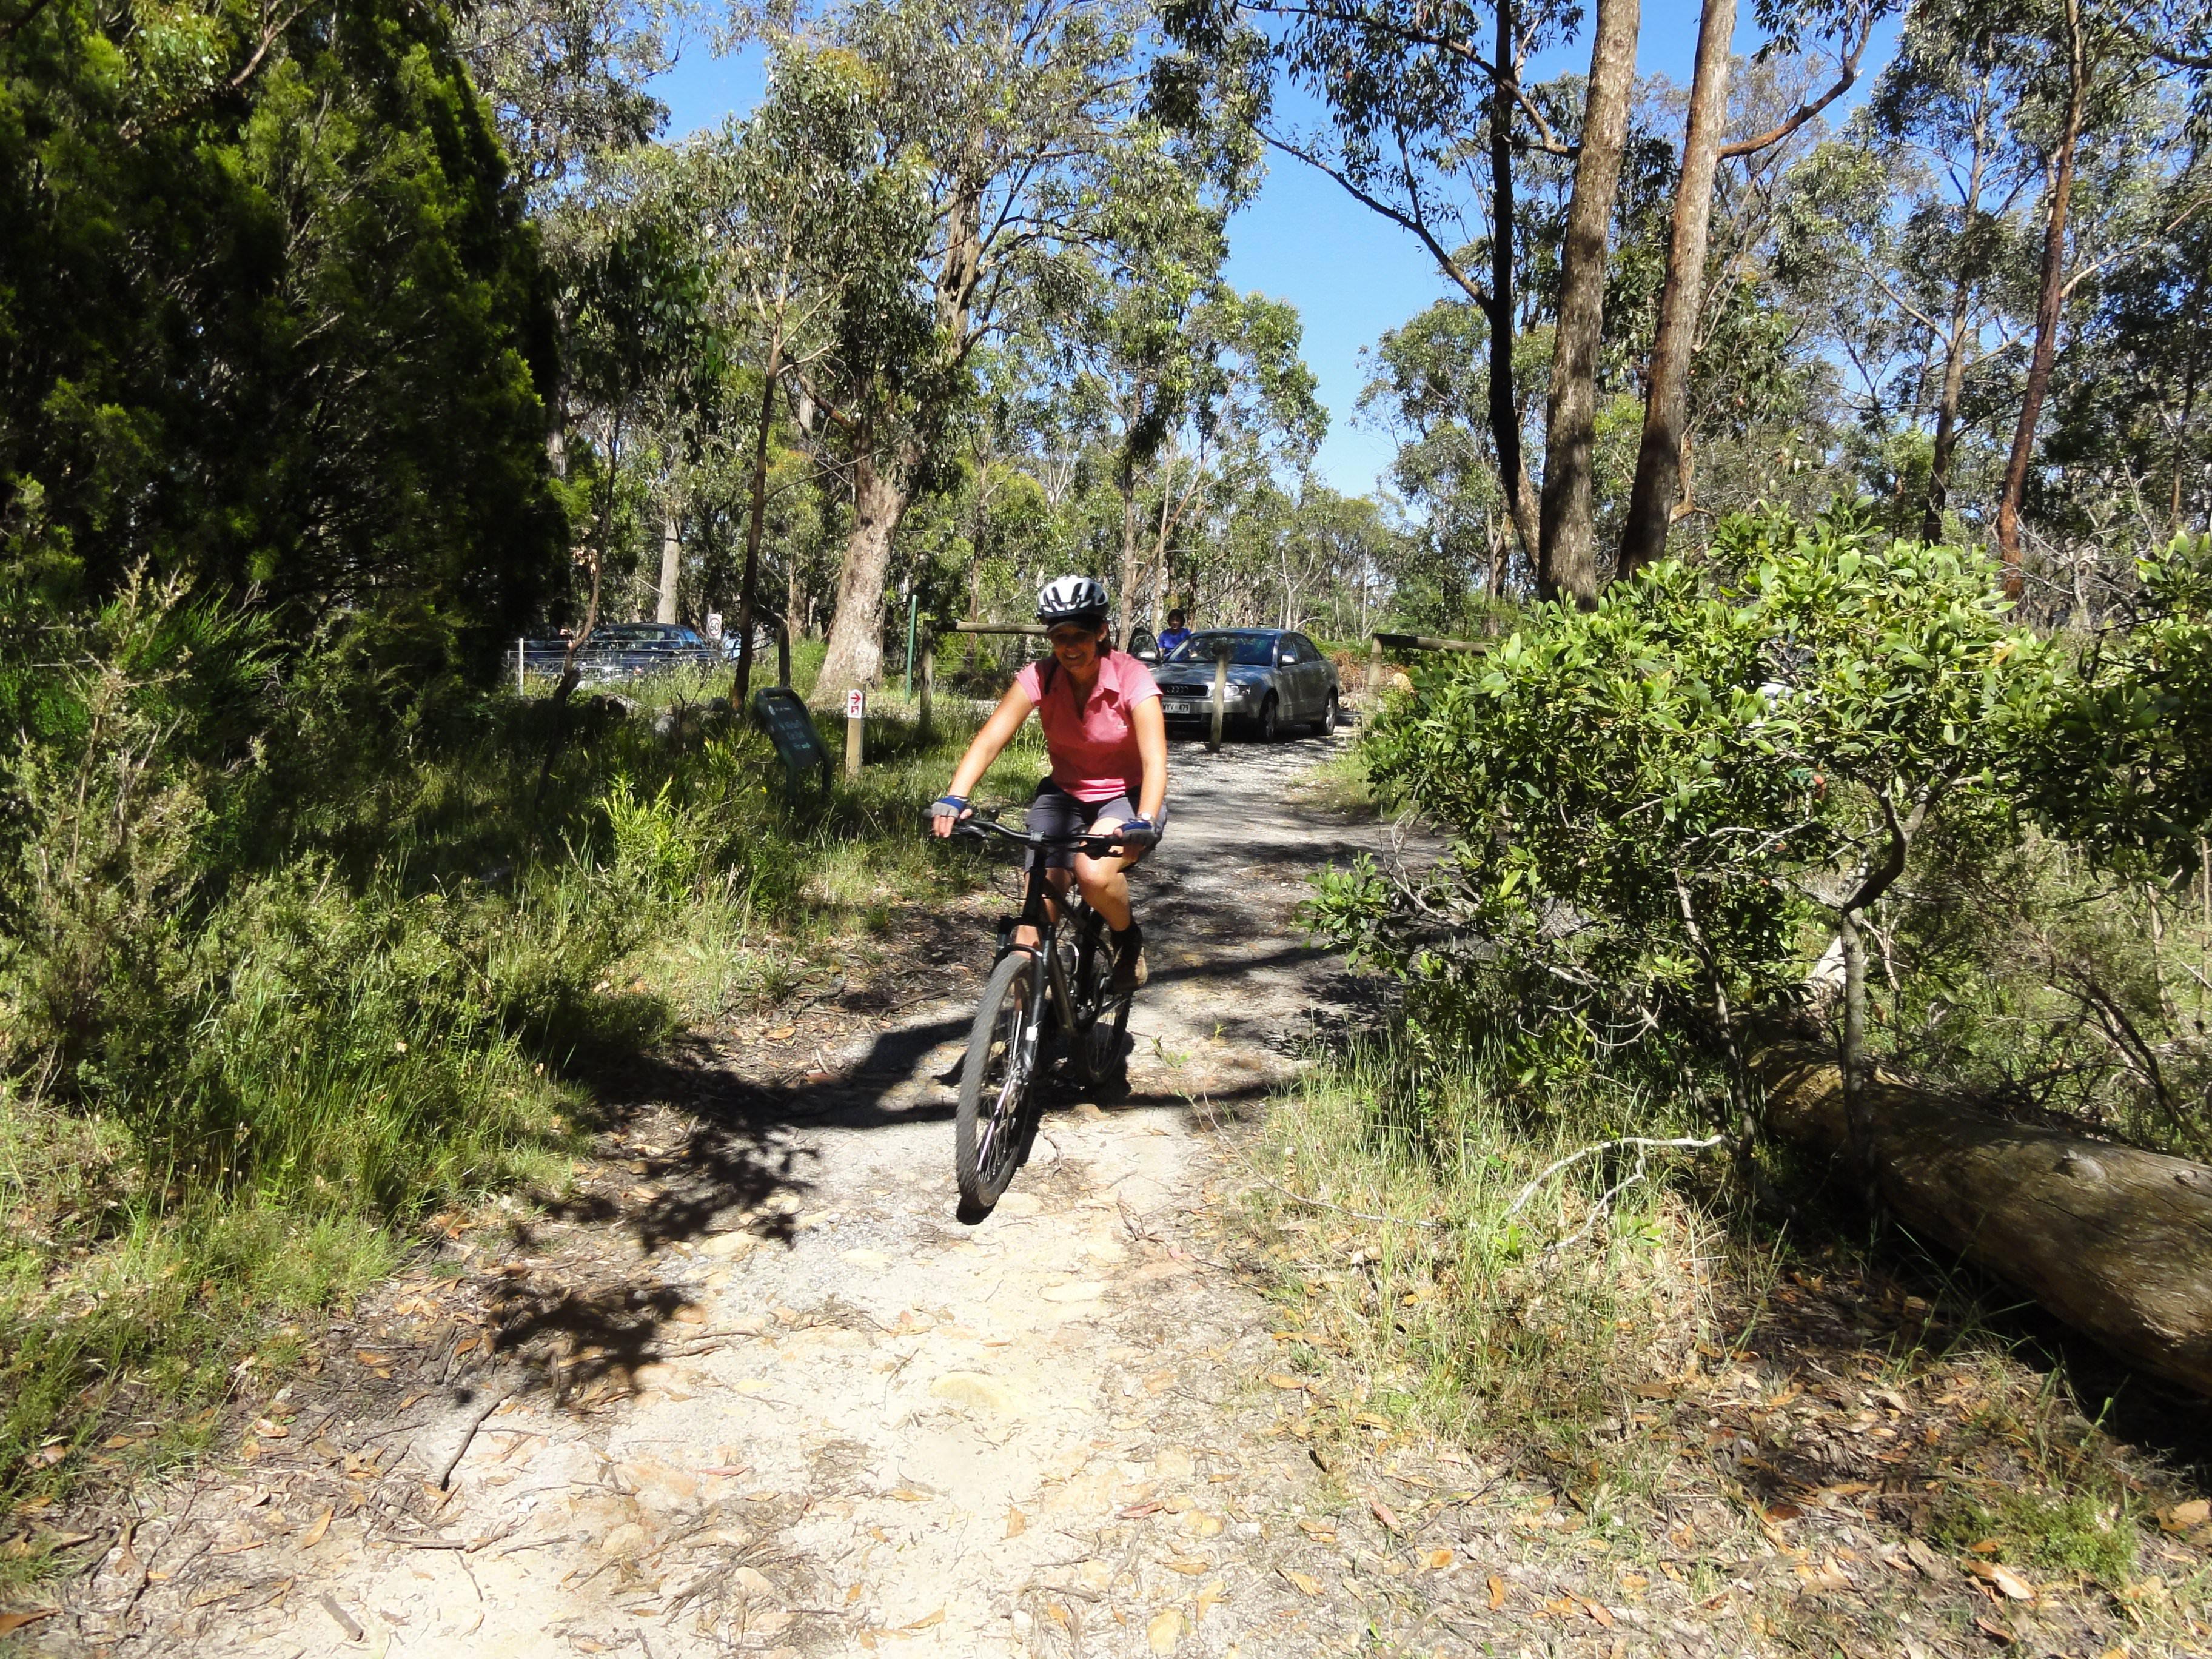 Linda on a bike in Australia